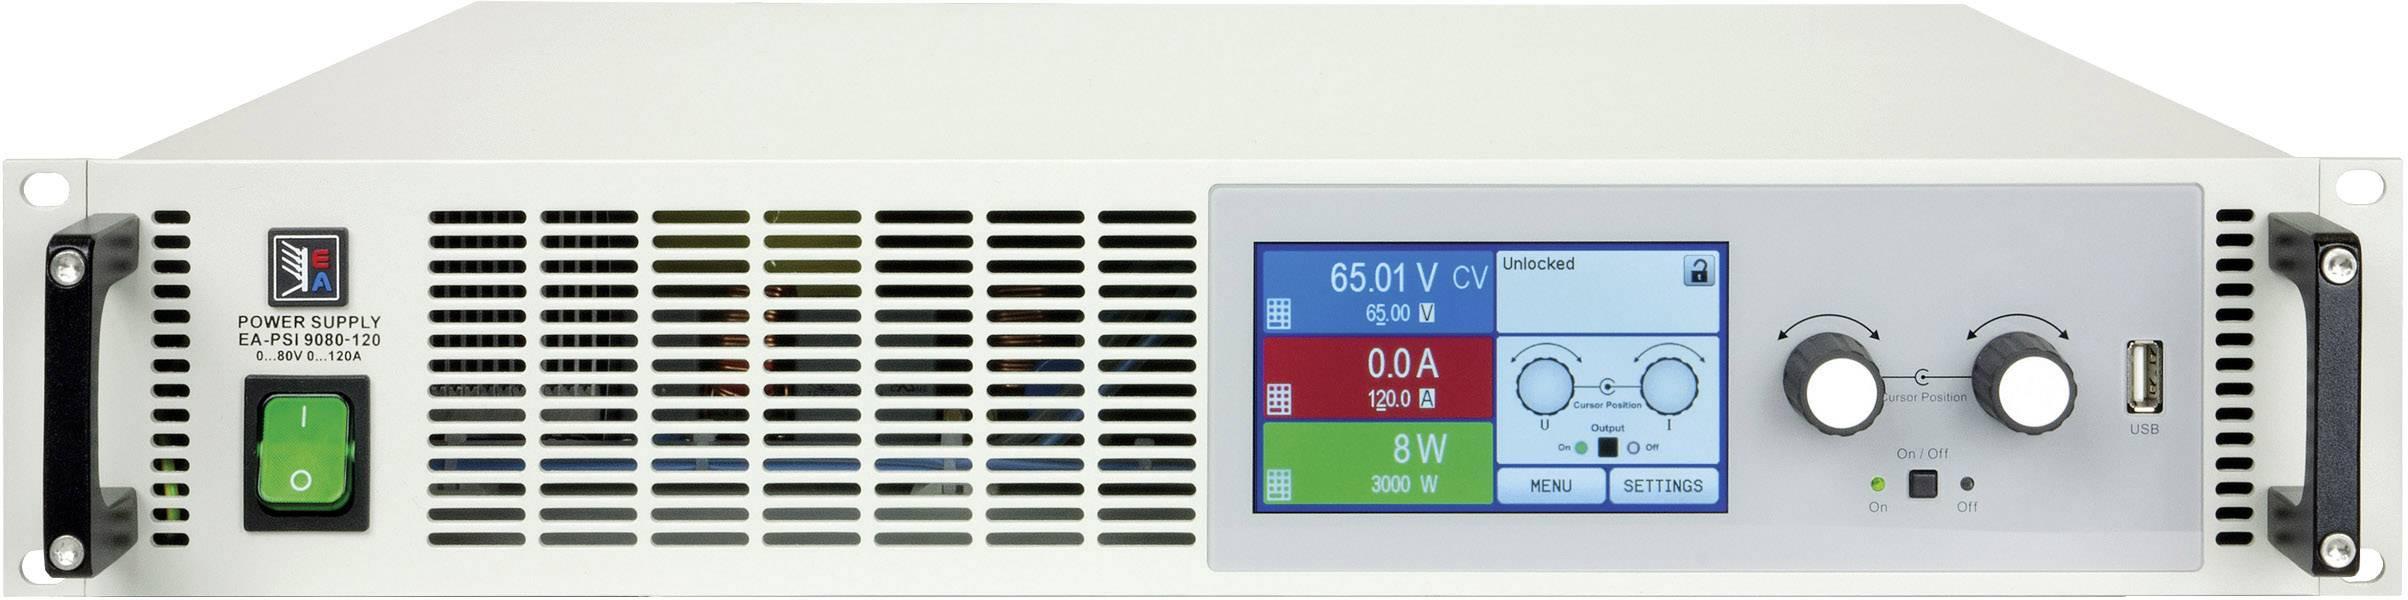 Programovateľný laboratórny zdroj EA EA-PSI 9360-15, 2U, 360 V, 15 A, 1500 W, USB